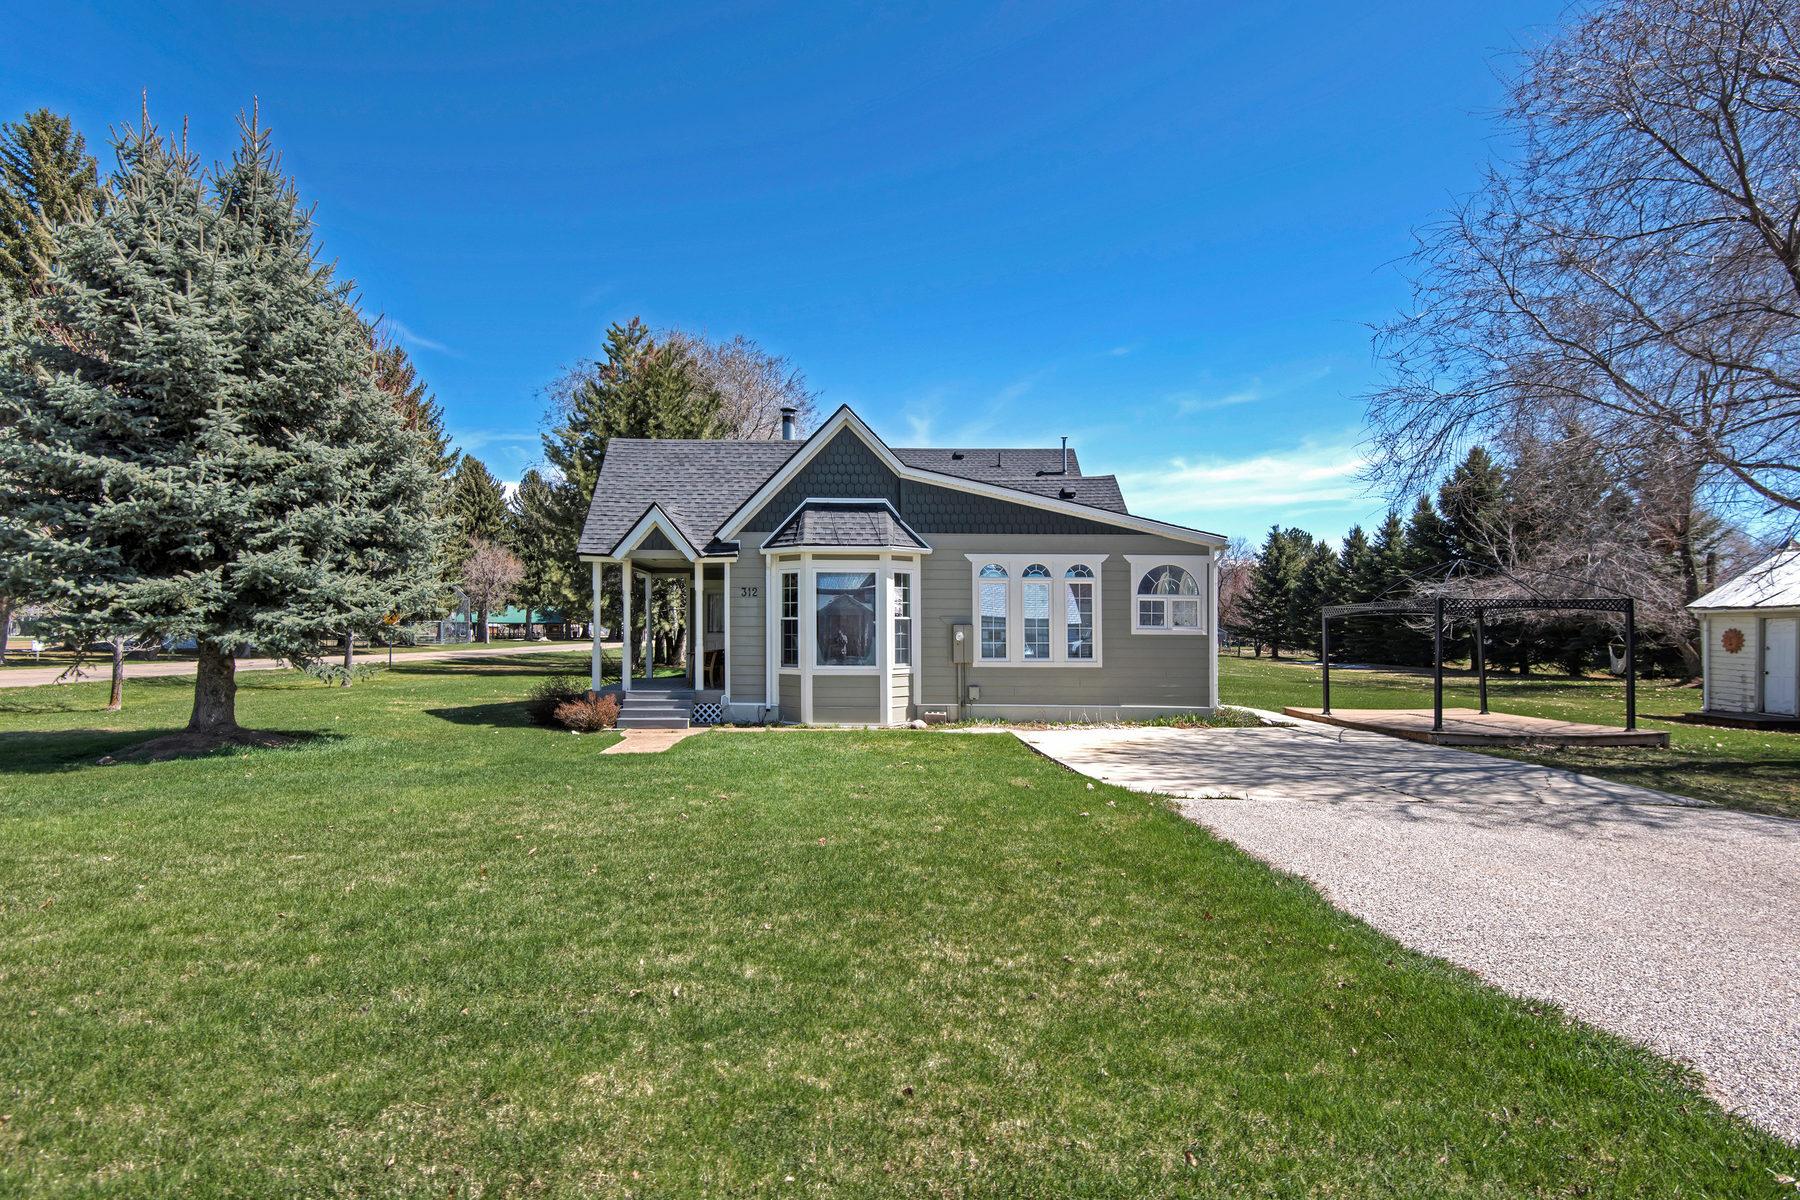 独户住宅 为 销售 在 Historical Huntsville Home 312 S 7400 E 亨茨维尔, 犹他州, 84317 美国